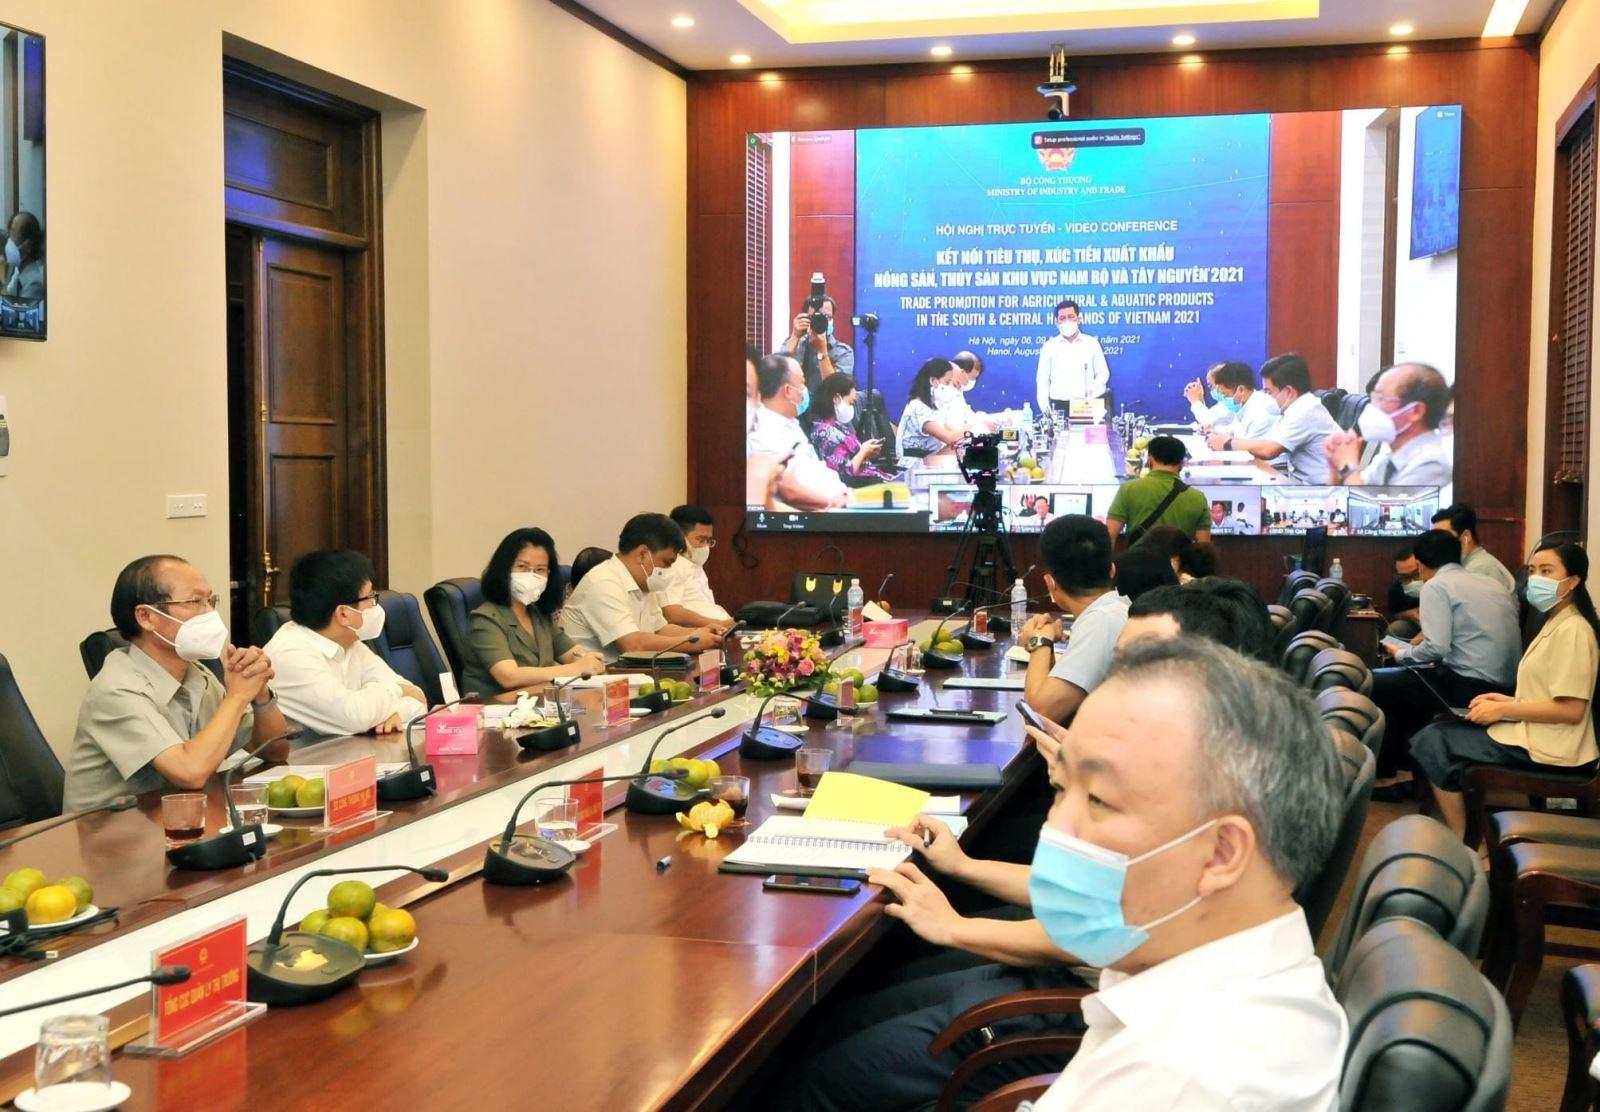 Khuyến khích phân phối và đẩy mạnh tiêu thụ nông sản khu vực Nam Bộ và Tây Nguyên qua kênh thương mại điện tử